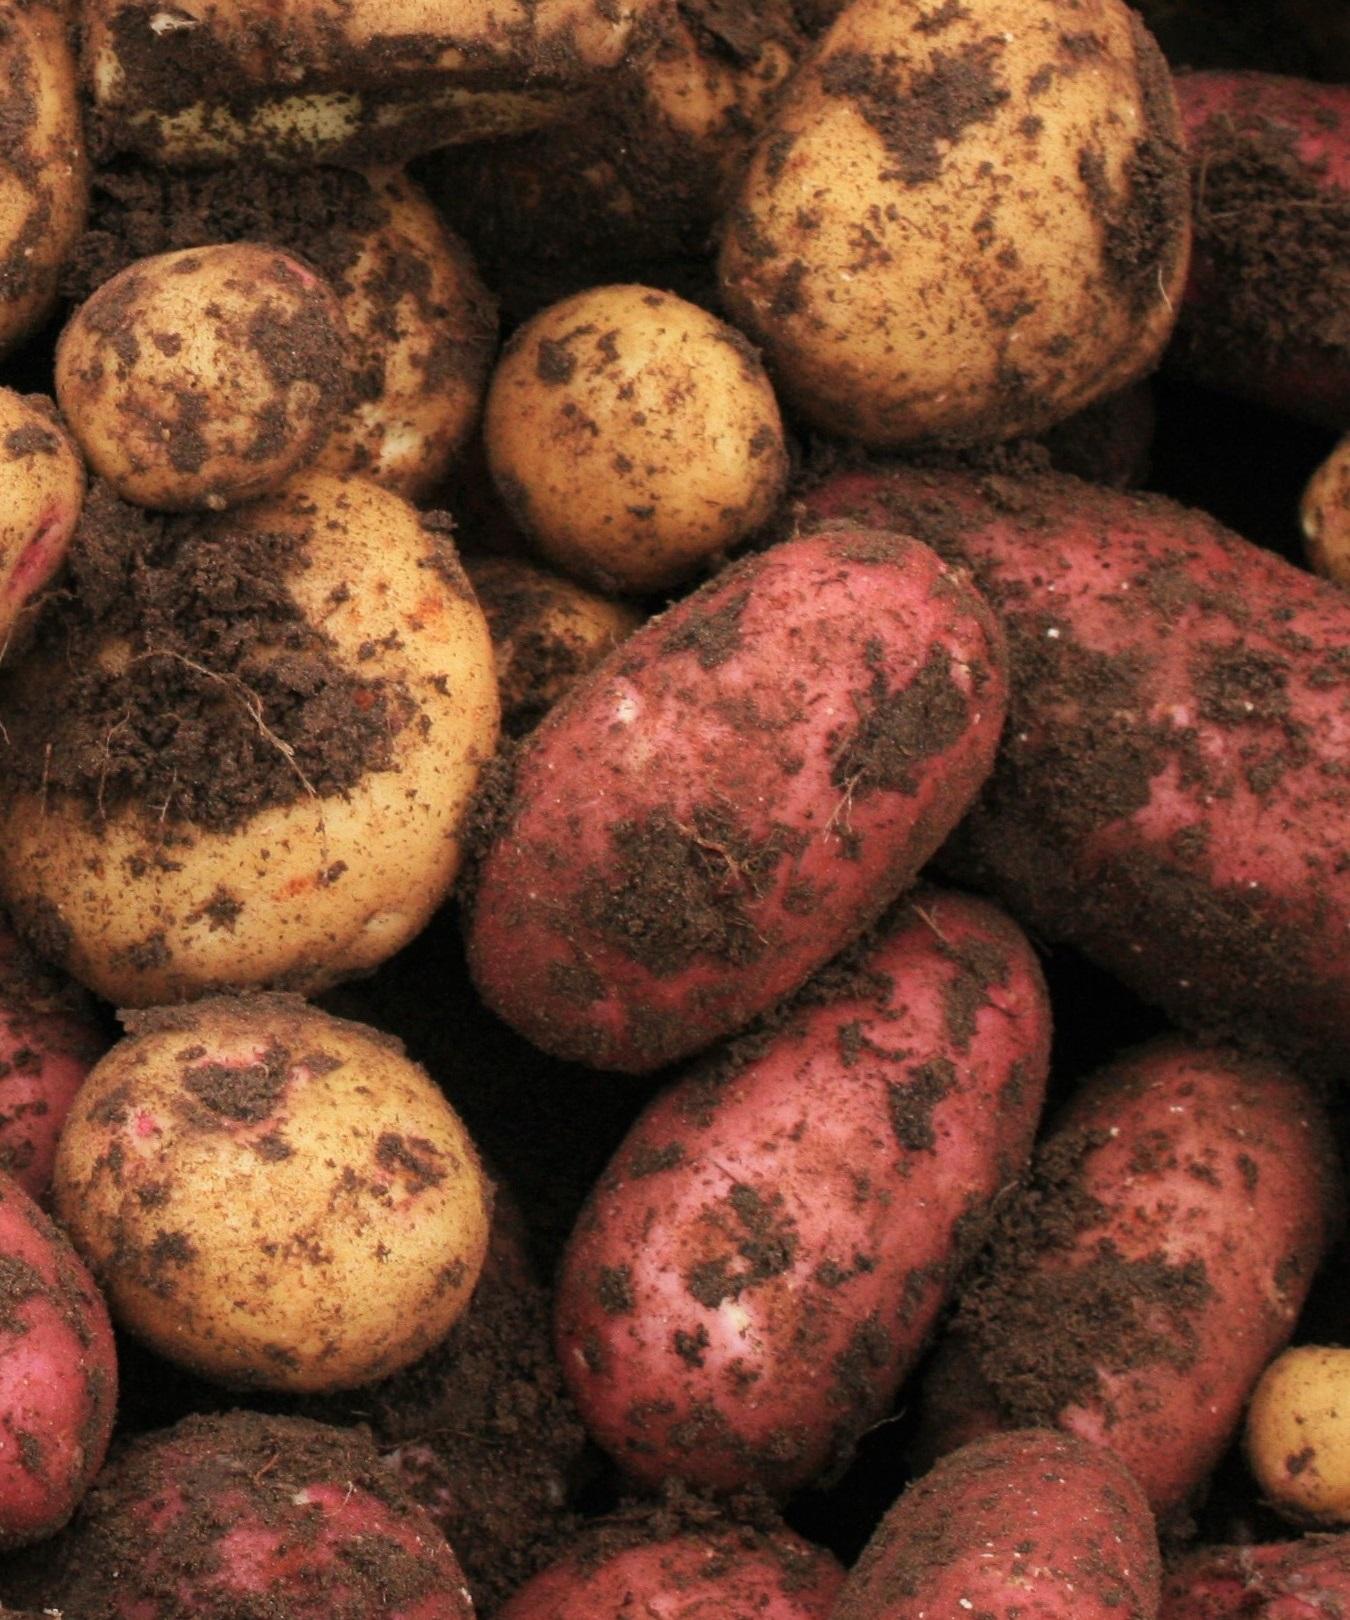 Potato - Agrisera antibodies